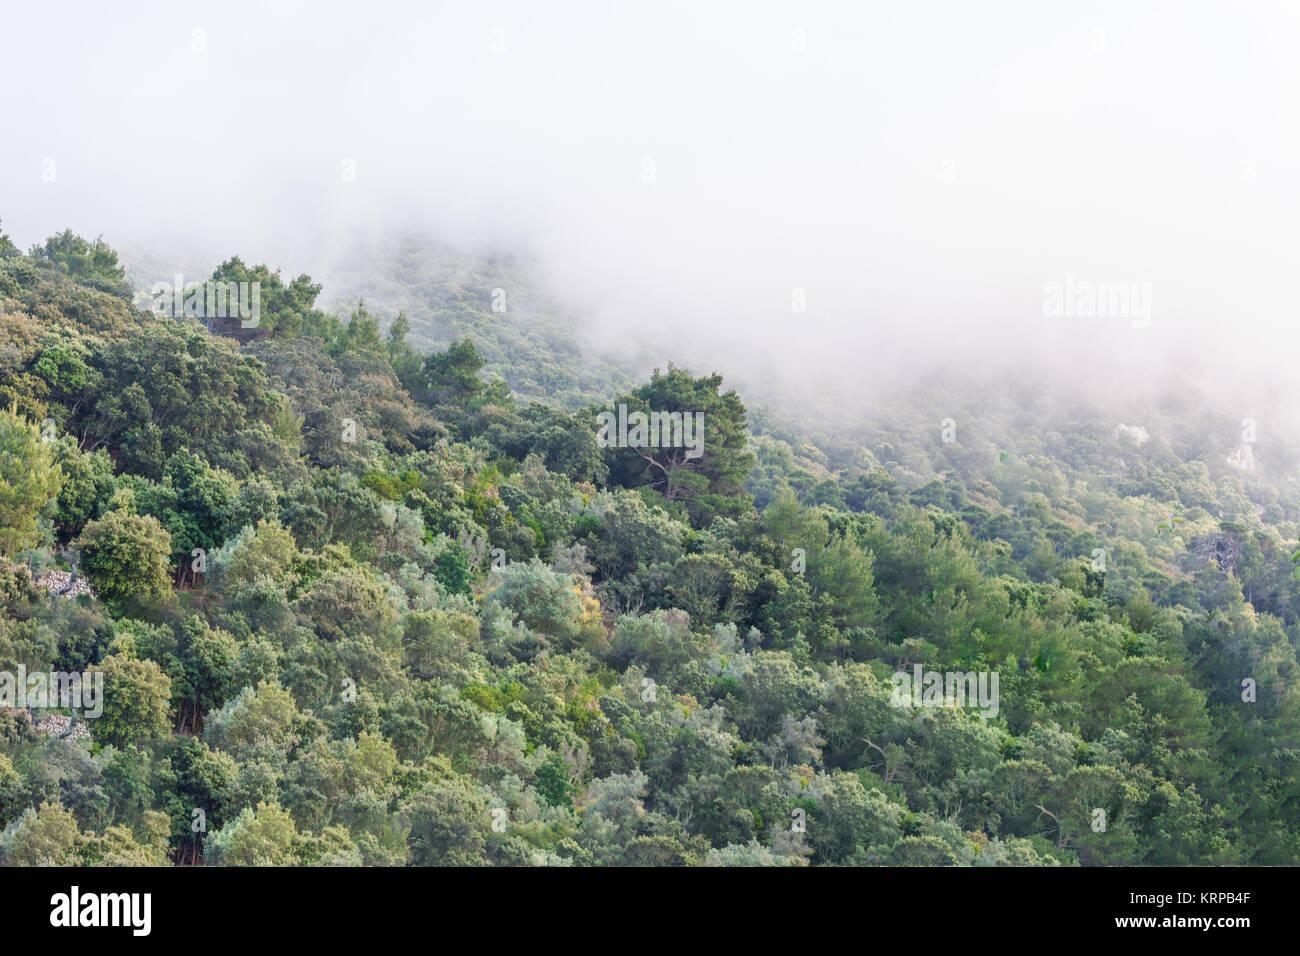 Bewaldeter Berghang mit tief liegenden Wolke in Nebel gehüllt eine malerische Landschaft Blick. Stockbild